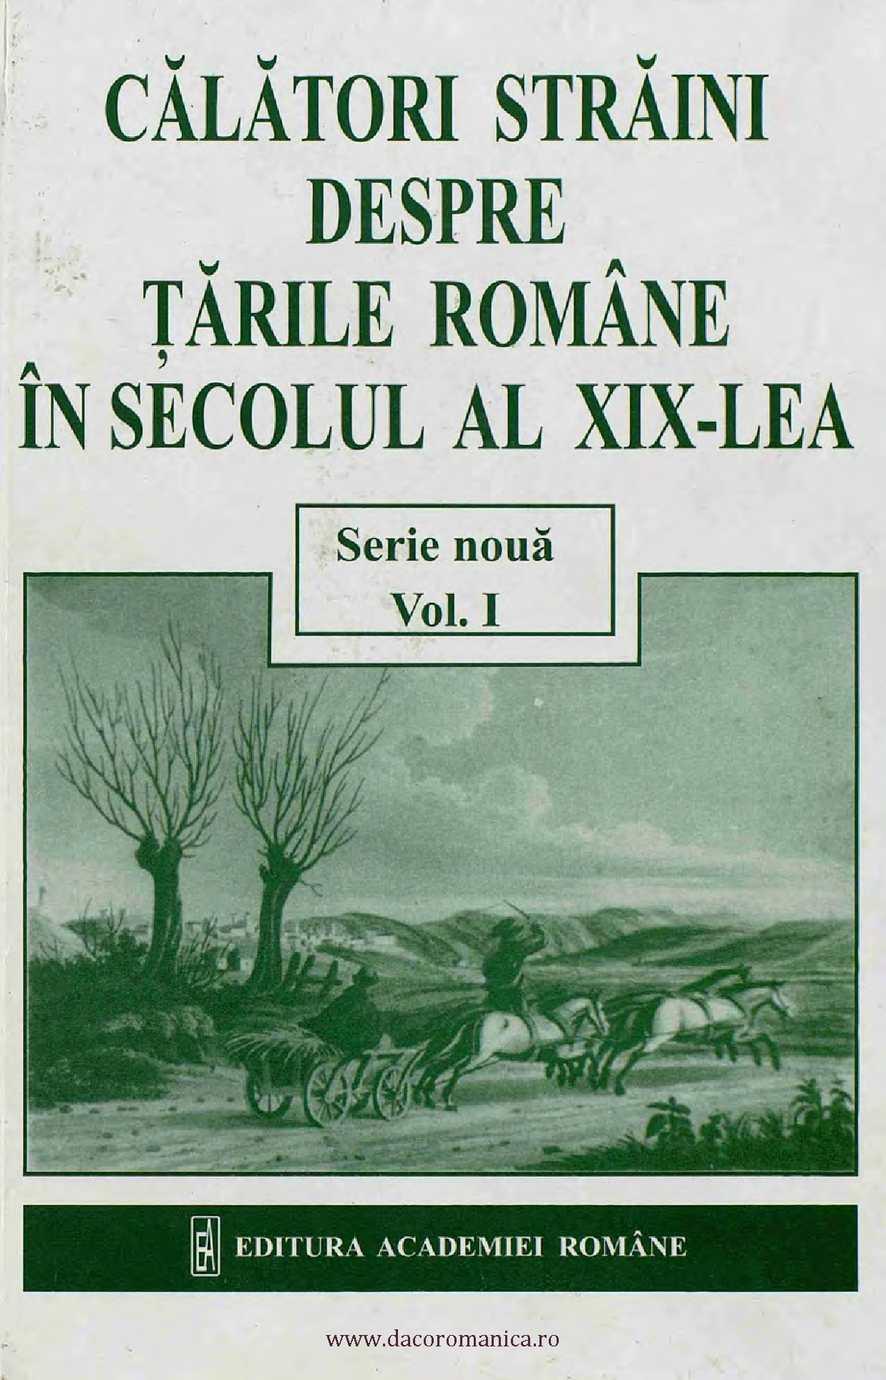 Toaletele romane sunt pline de paraziți